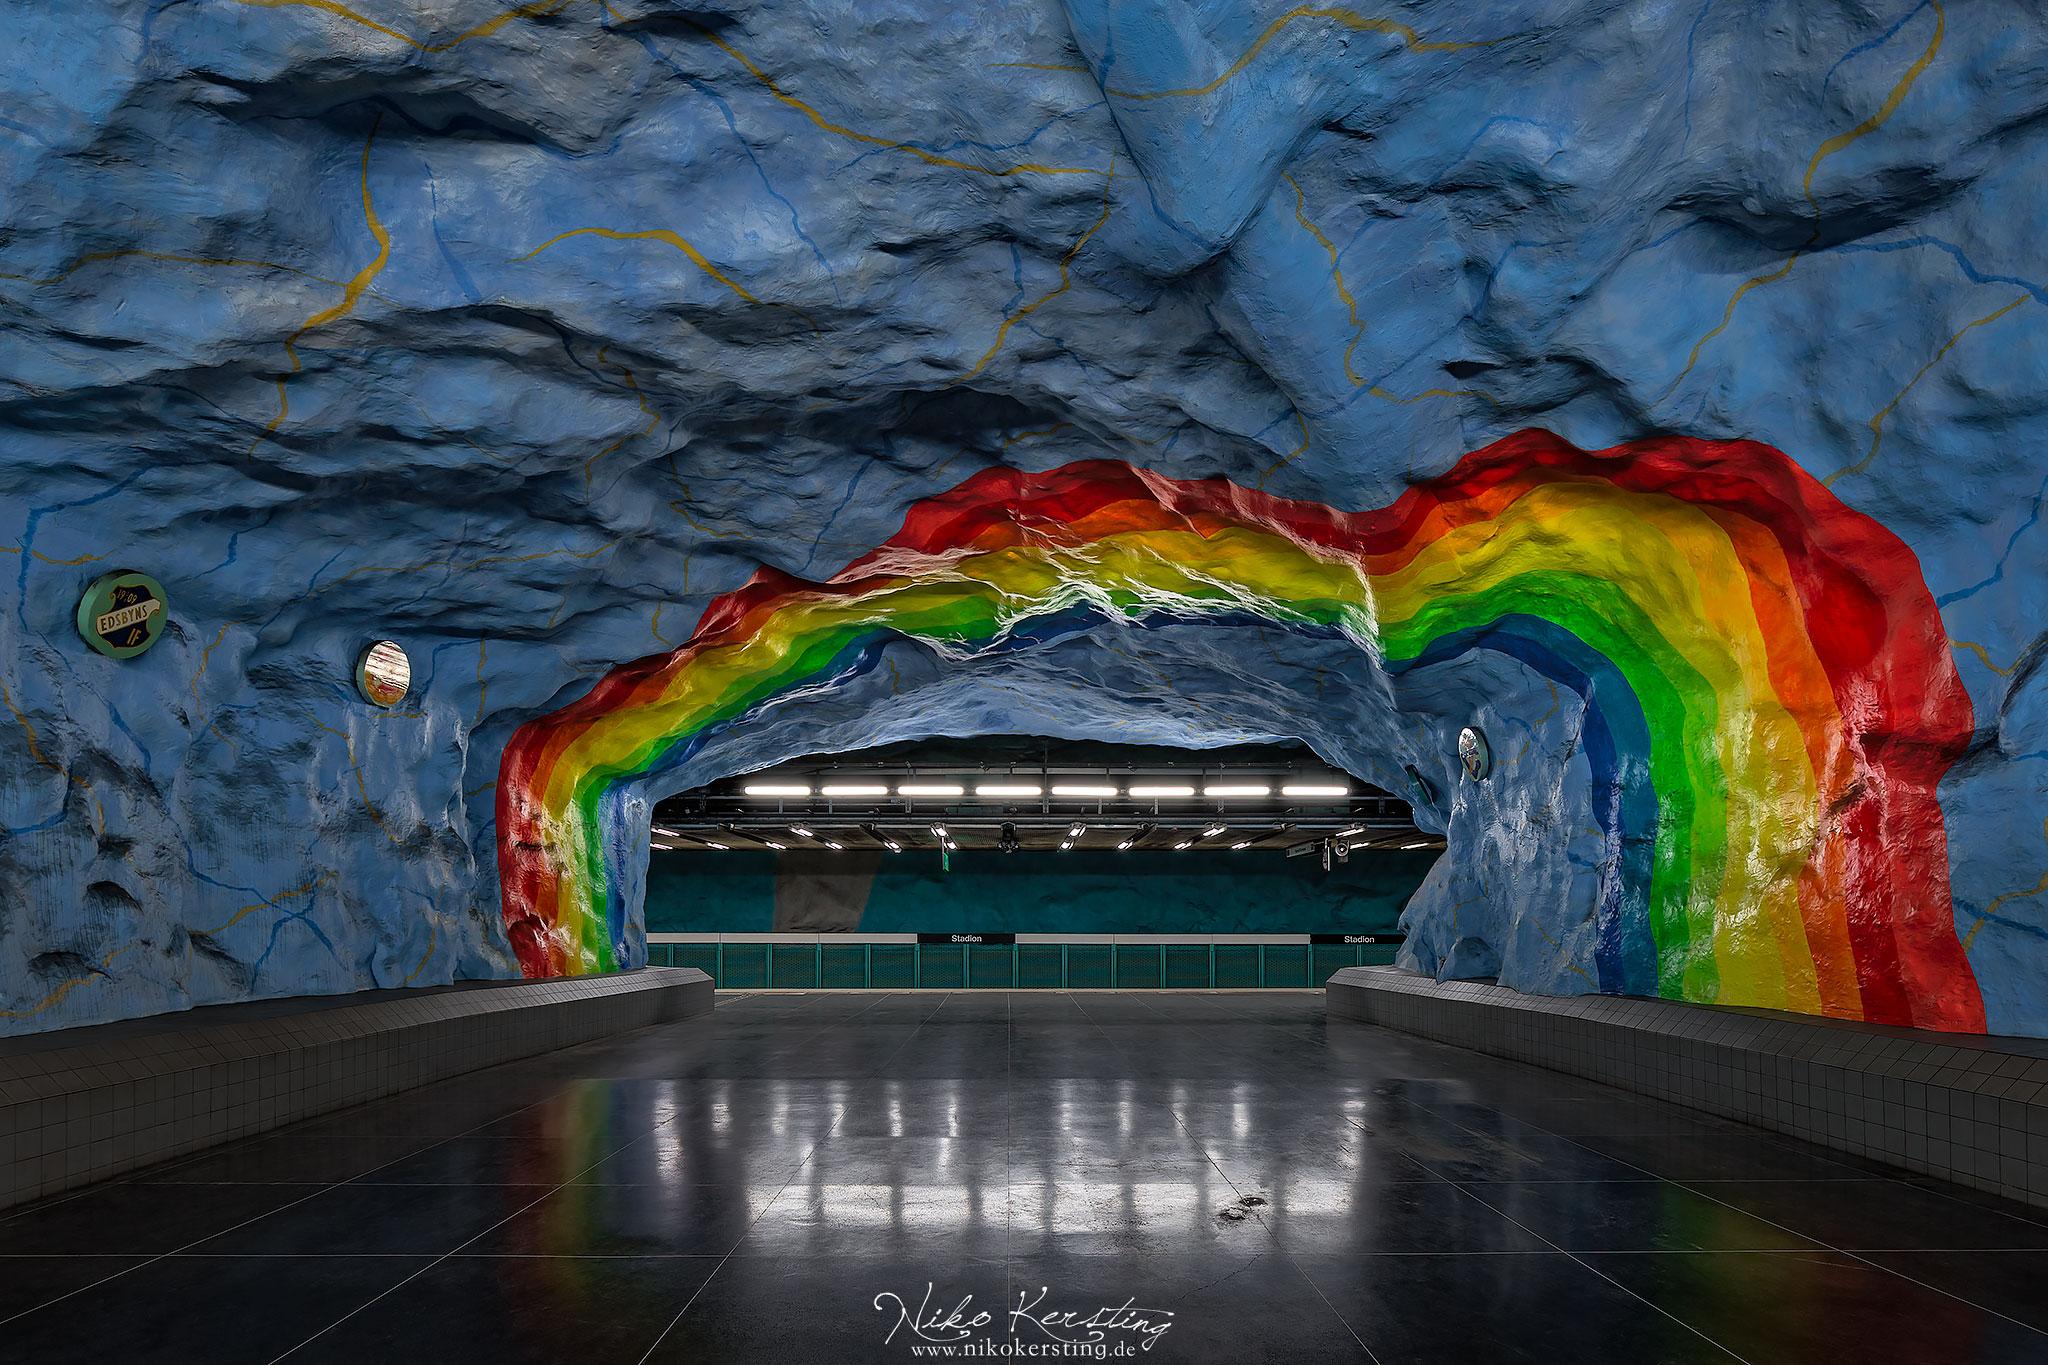 Stadion (Underground Station), Sweden